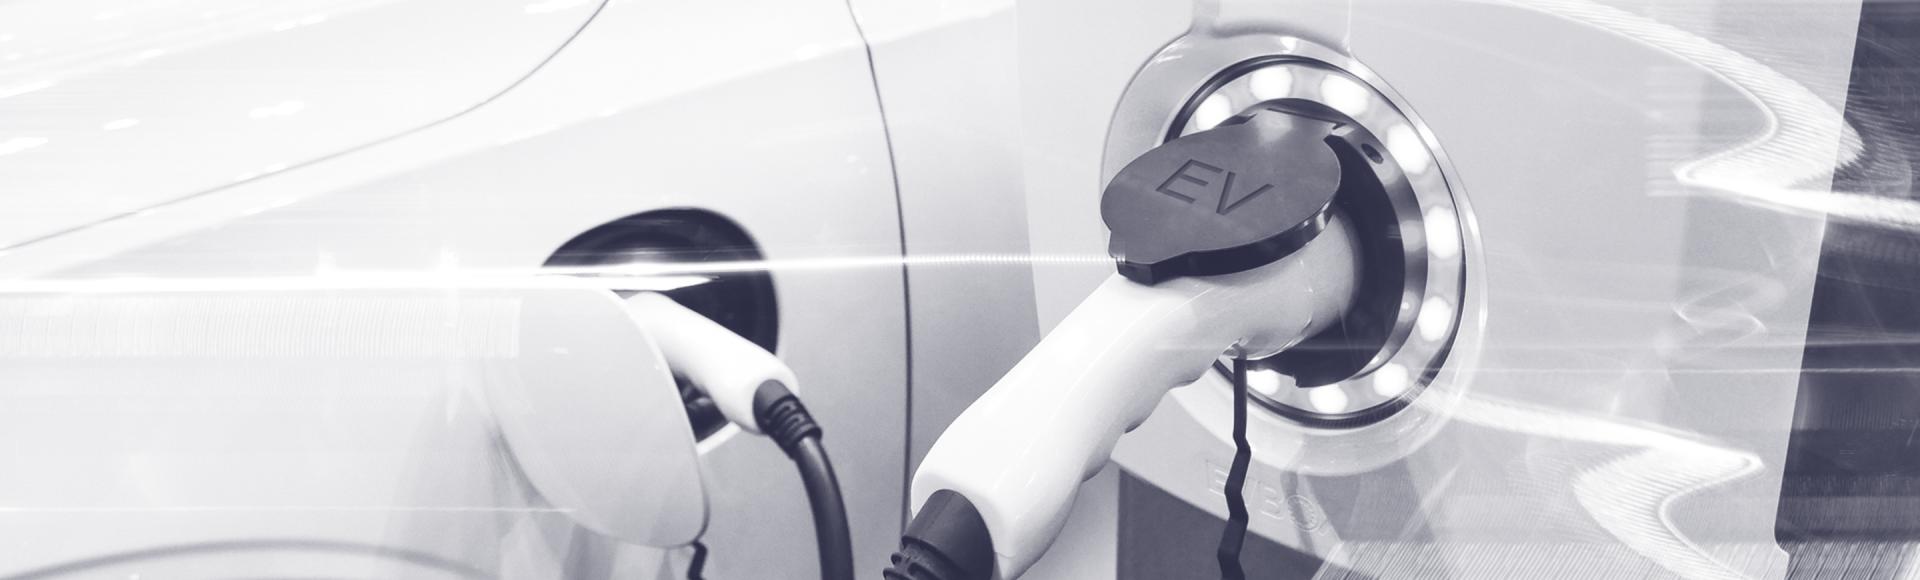 ARK-Invest_Blog-Banner_2019_07_02---EV-S-Curve